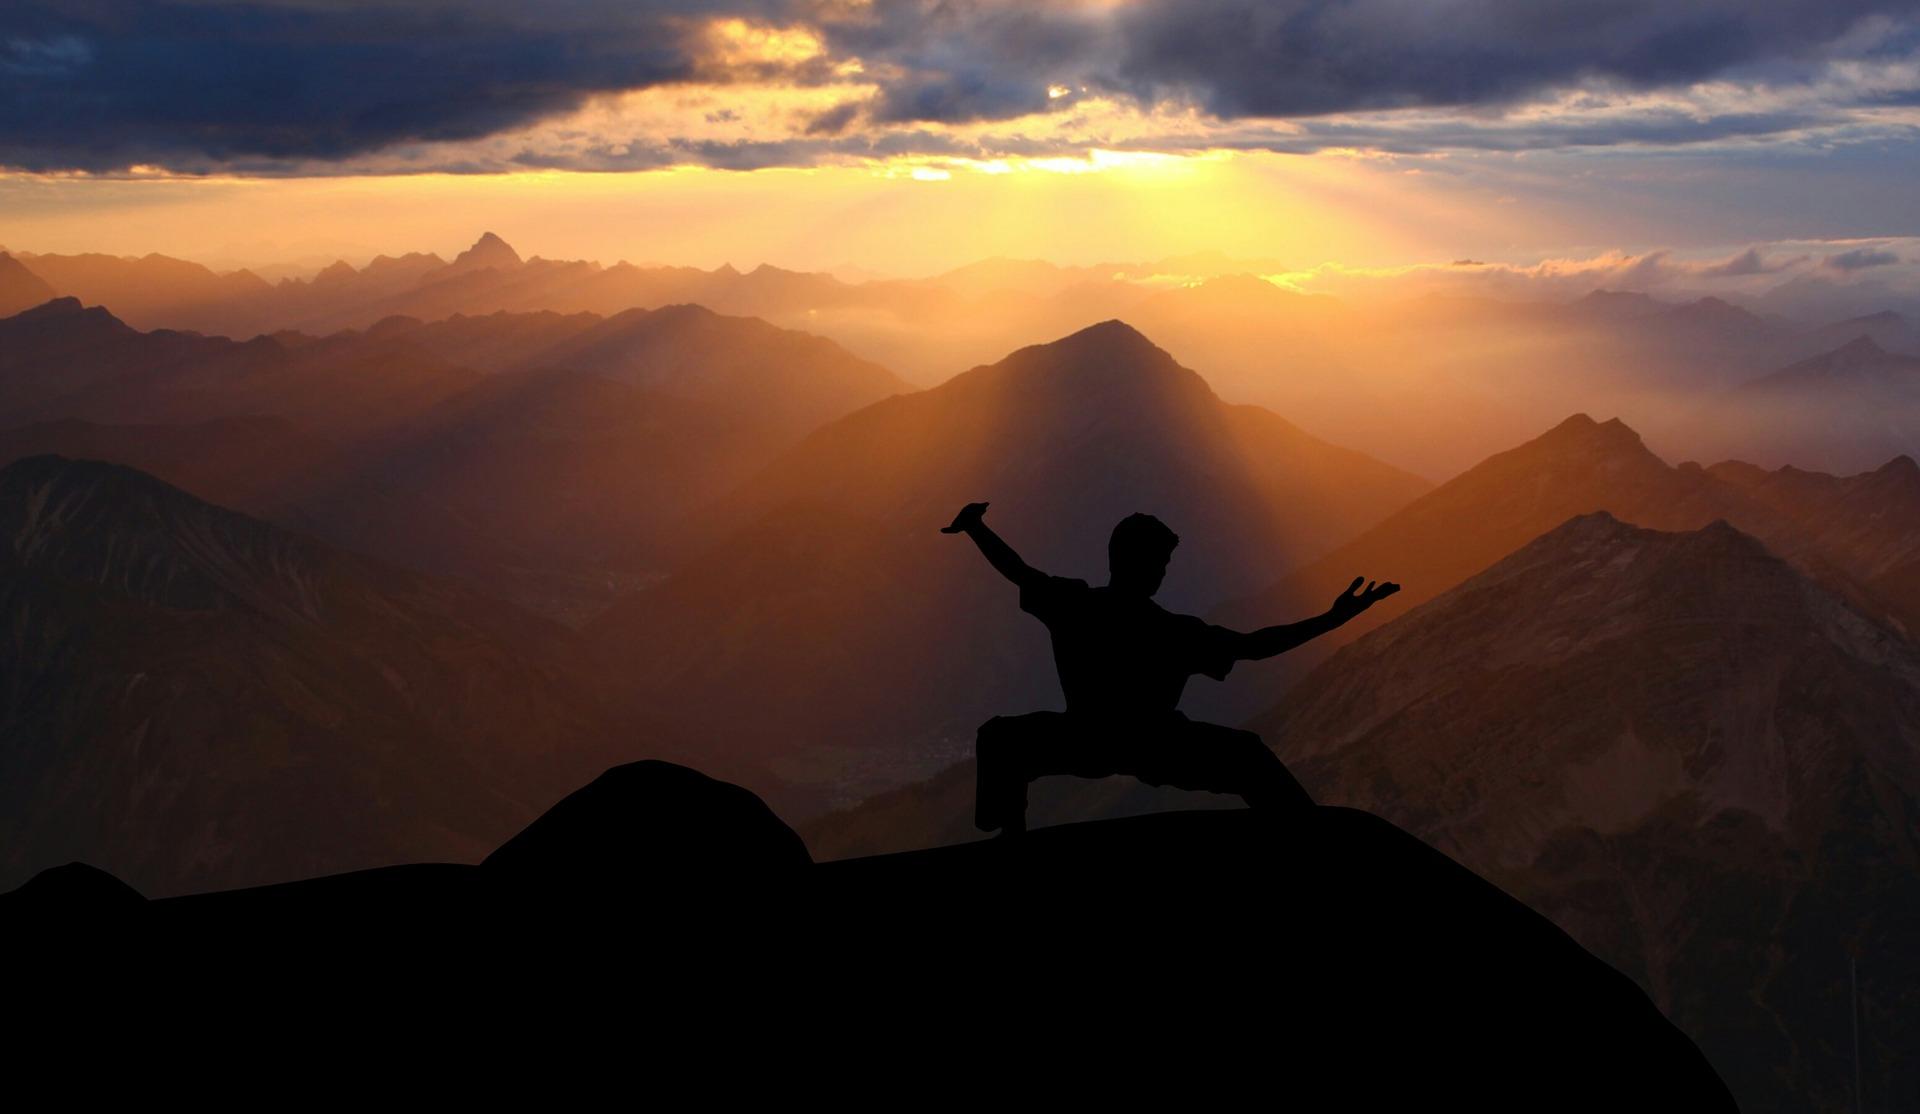 ¿Qué ejercicios me ayudan a mejorar mi bienestar emocional?